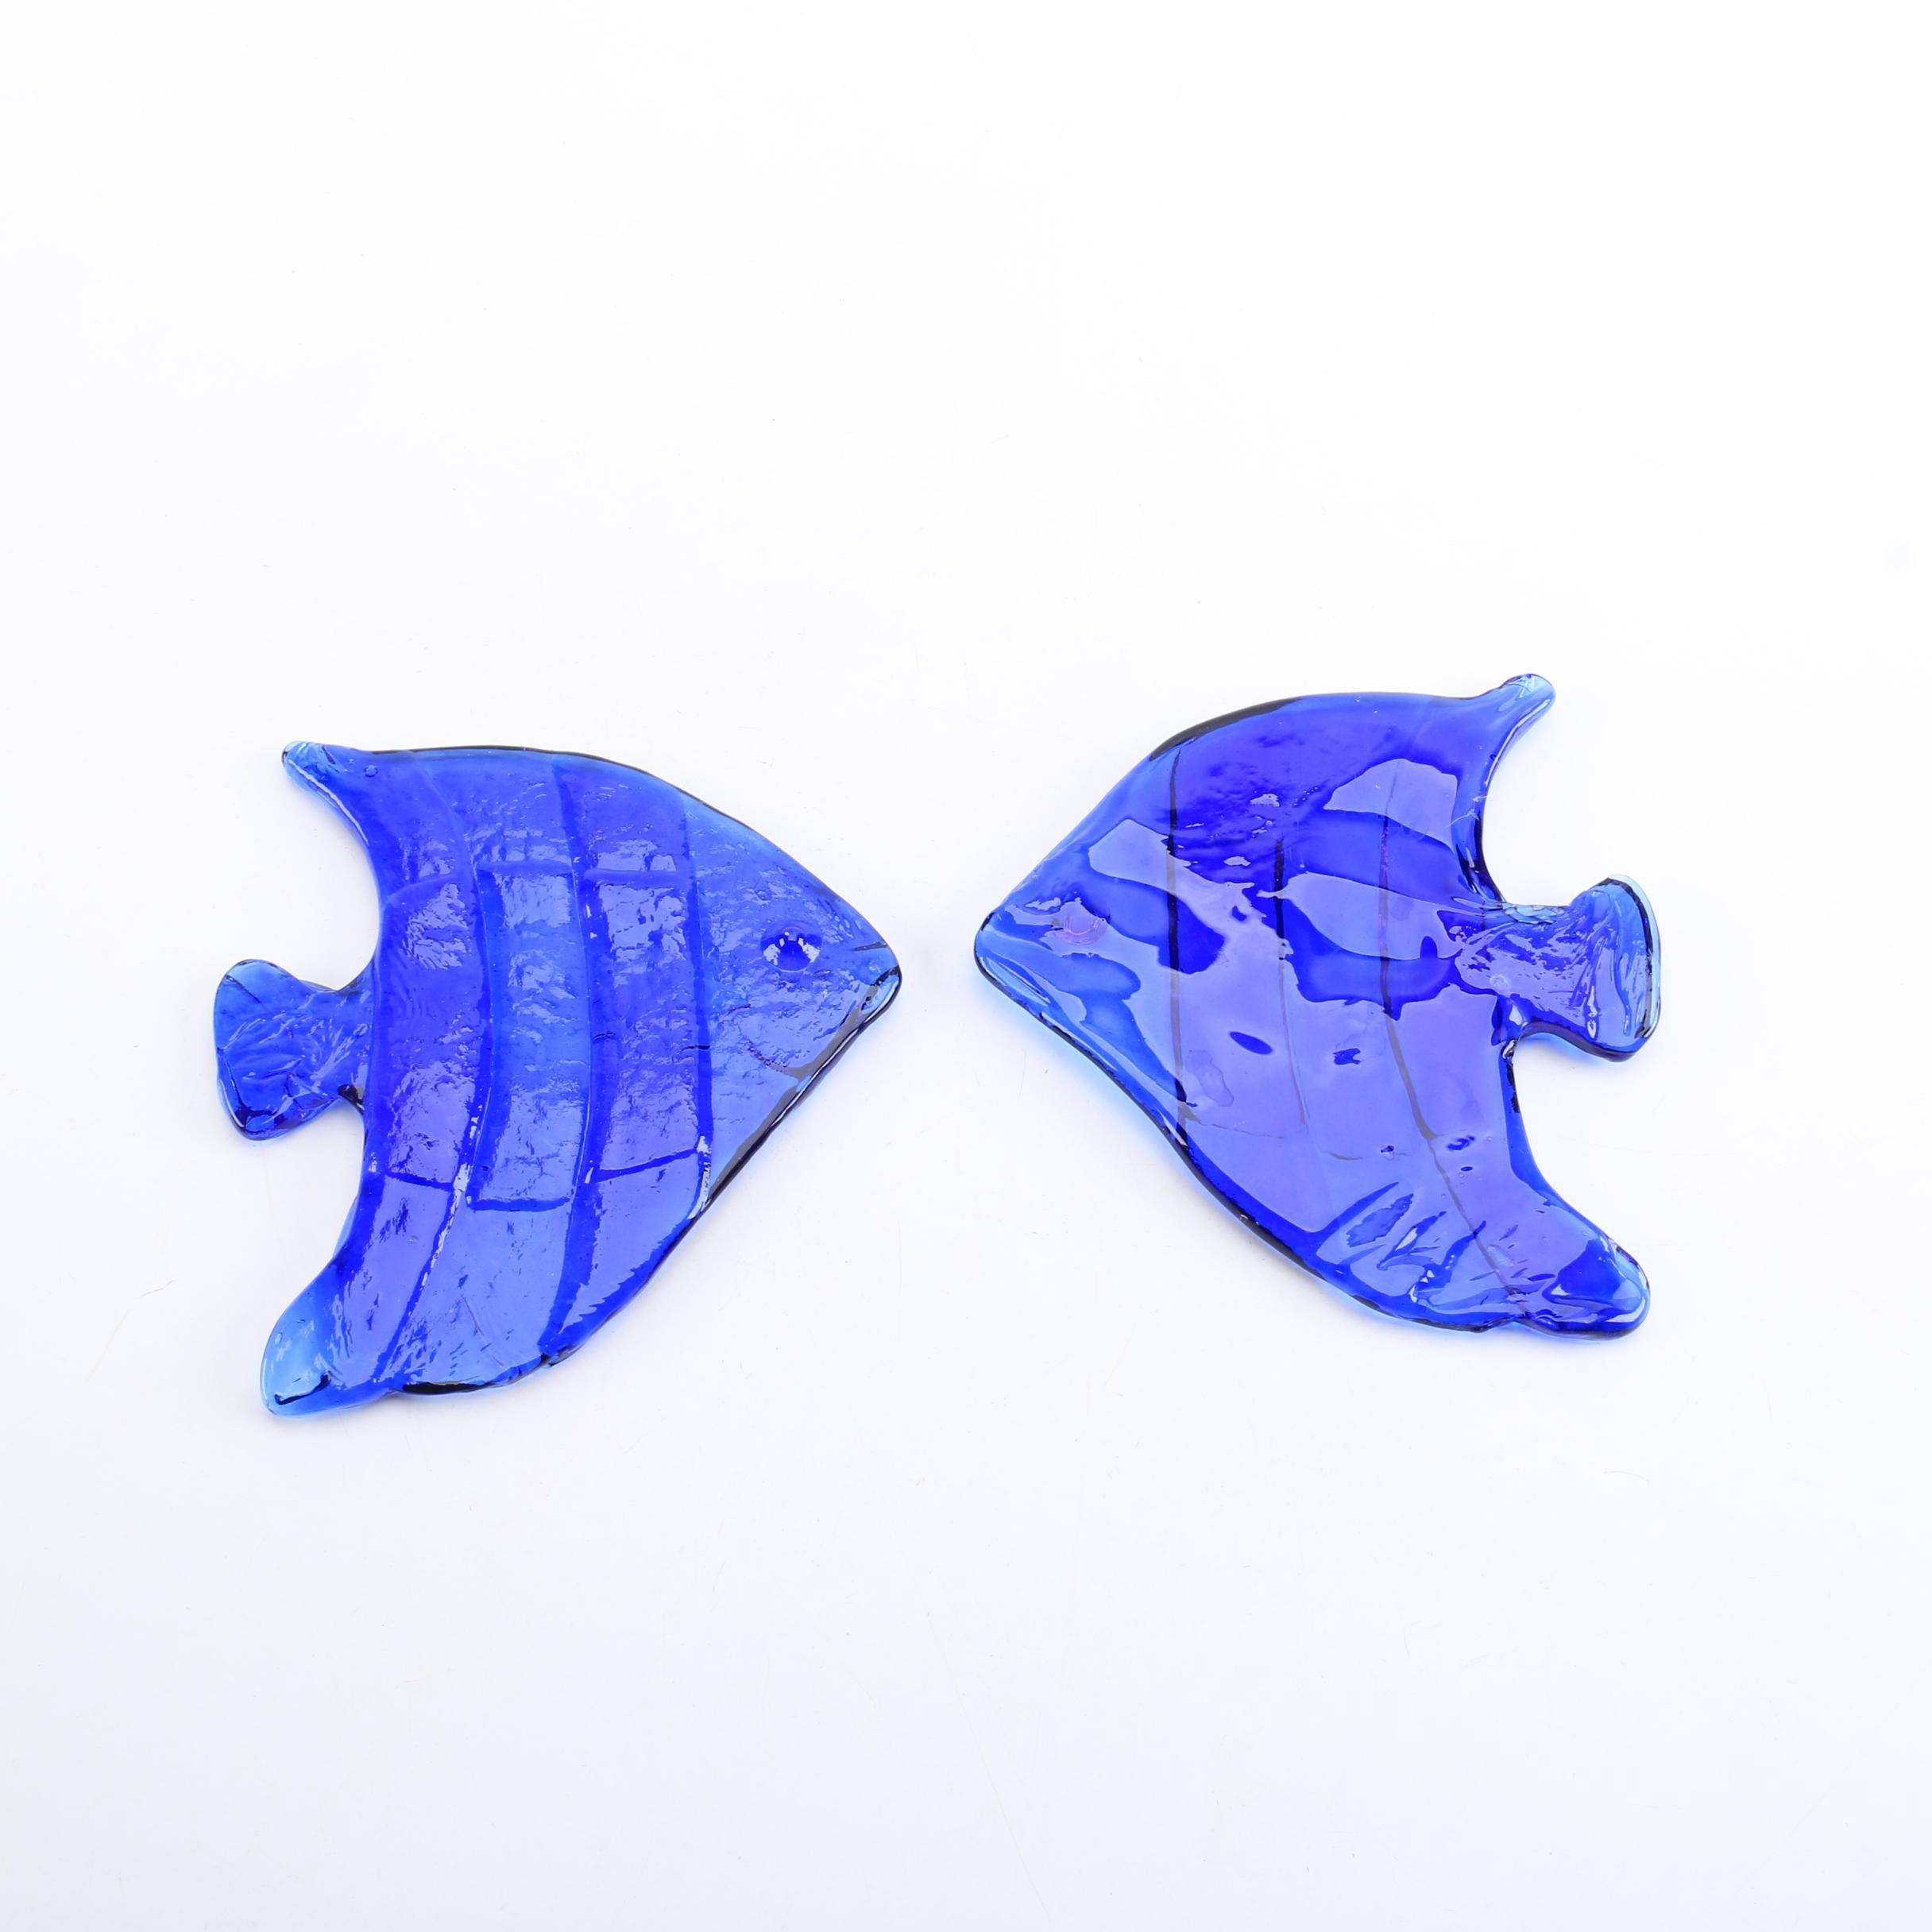 Cobalt Art Glass Fish Decor